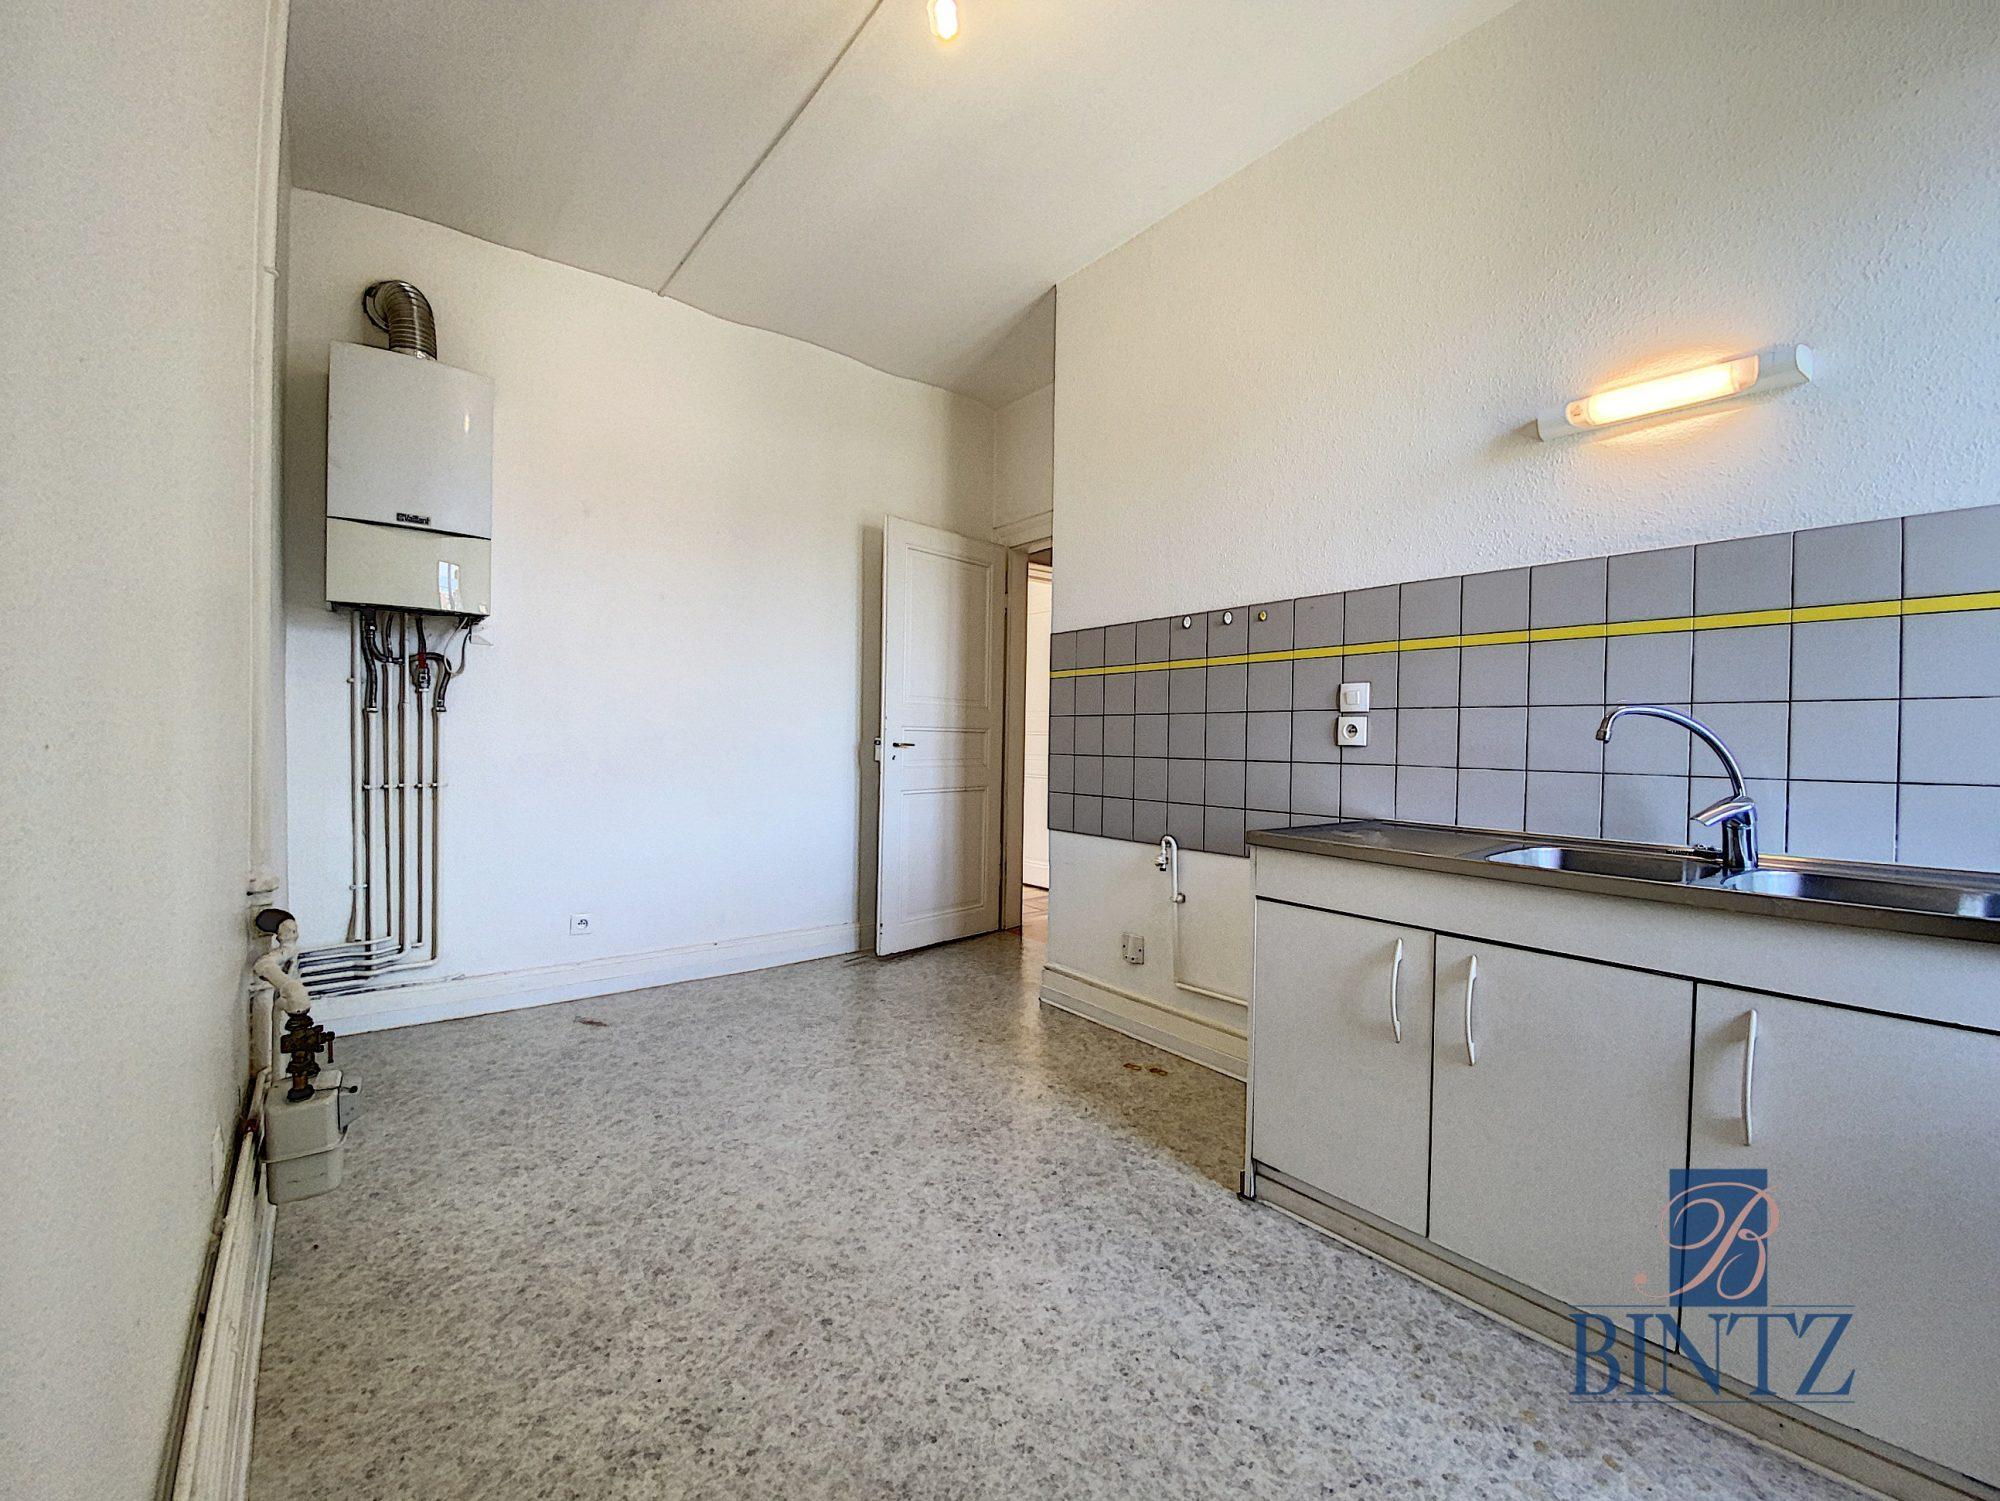 2 PIÈCES NEUDORF - Devenez locataire en toute sérénité - Bintz Immobilier - 8